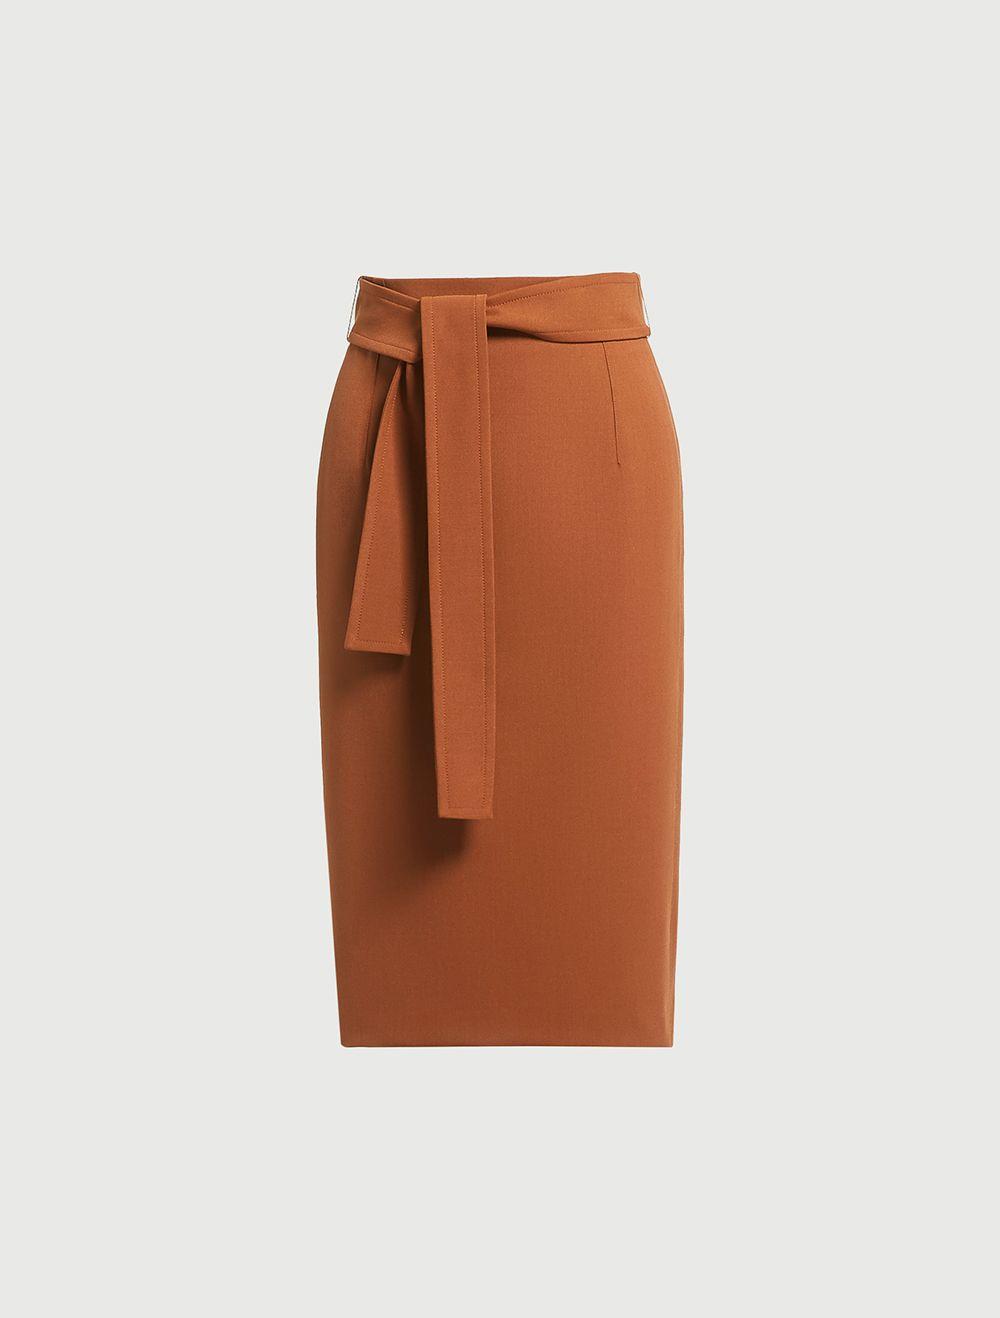 Come indossare il color mattone: 14 capi moda per l'Autunno